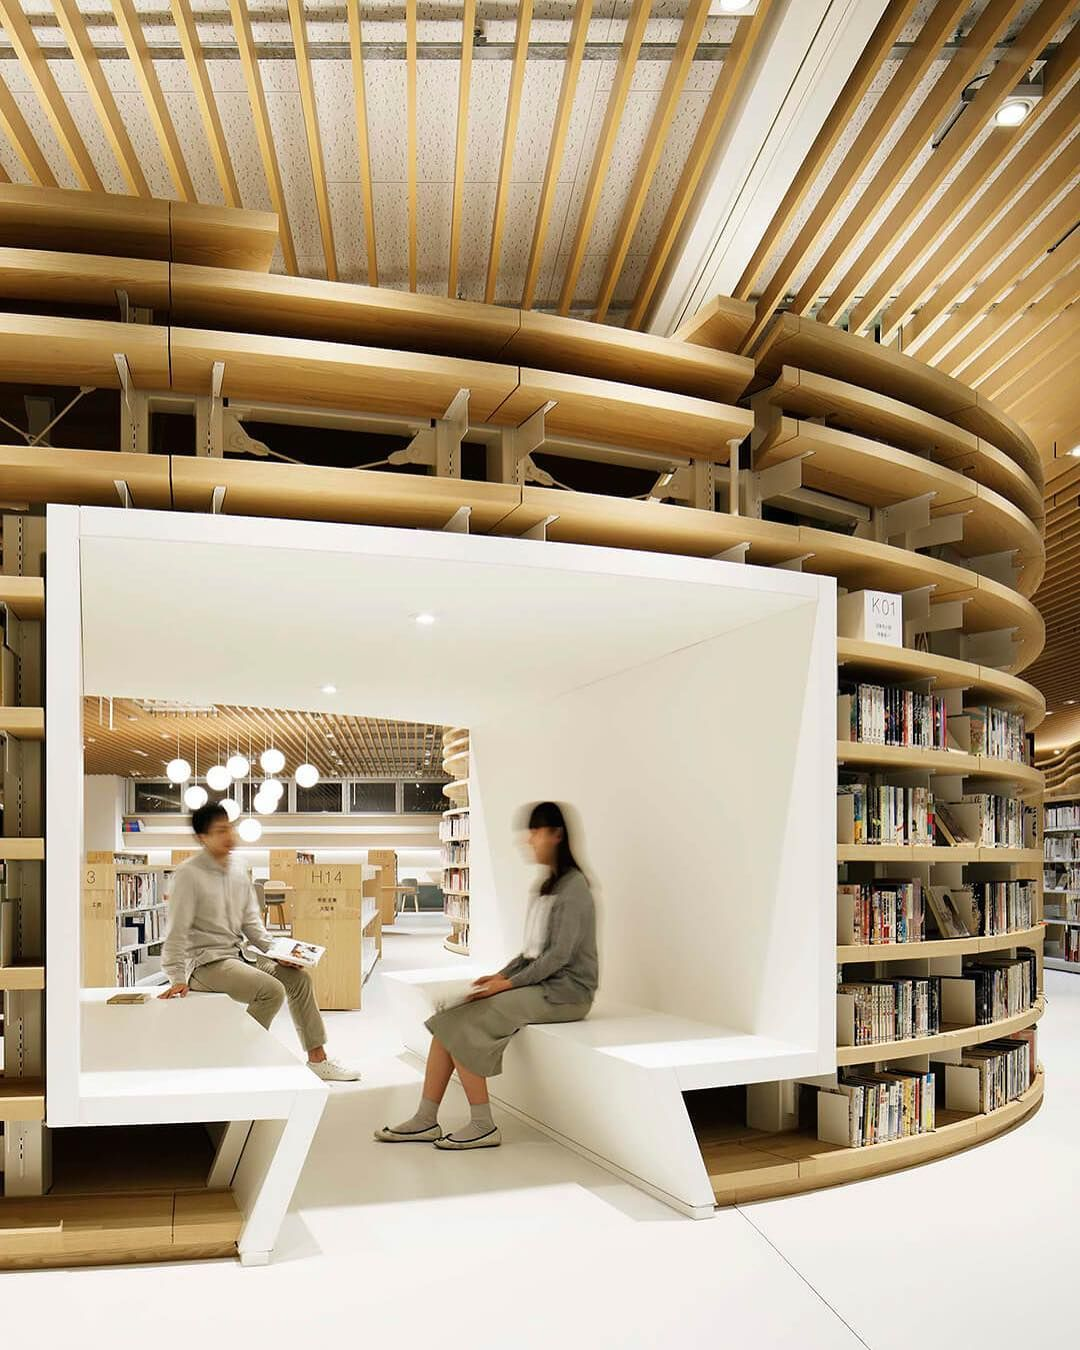 Architecture Hunter On Instagram Architecture Hunter Kikuchi Library Architects Nomura Co Loca Architecture Design Commercial Ecole Architecture